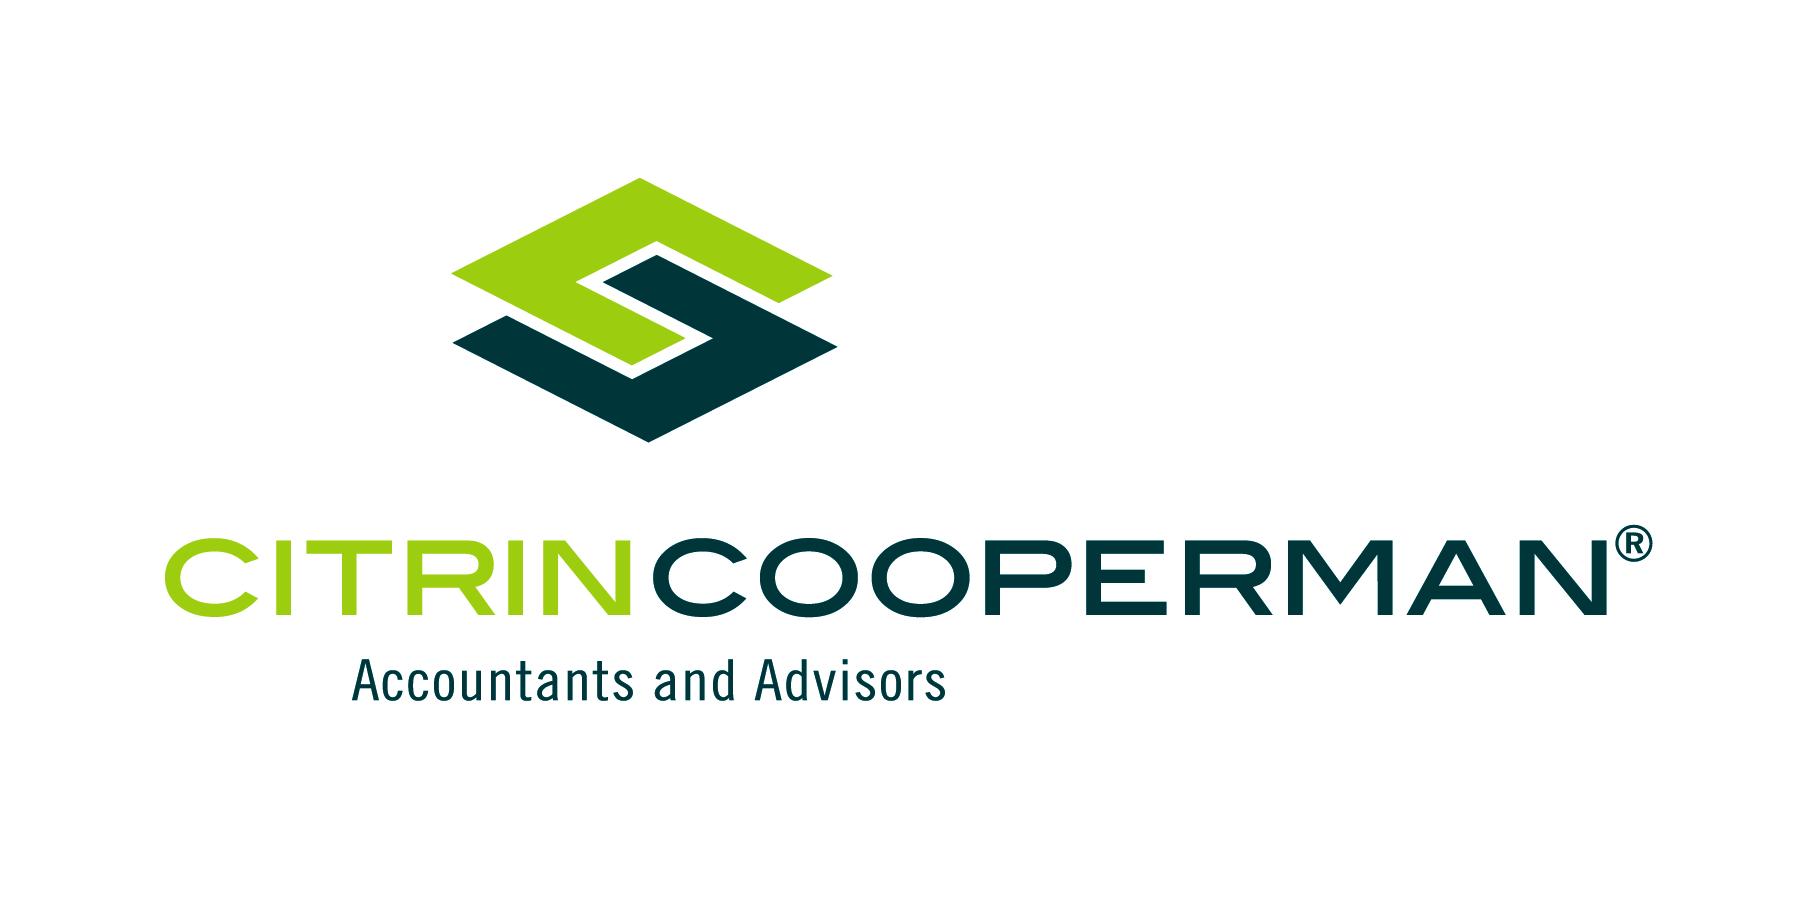 CitrinCooperman